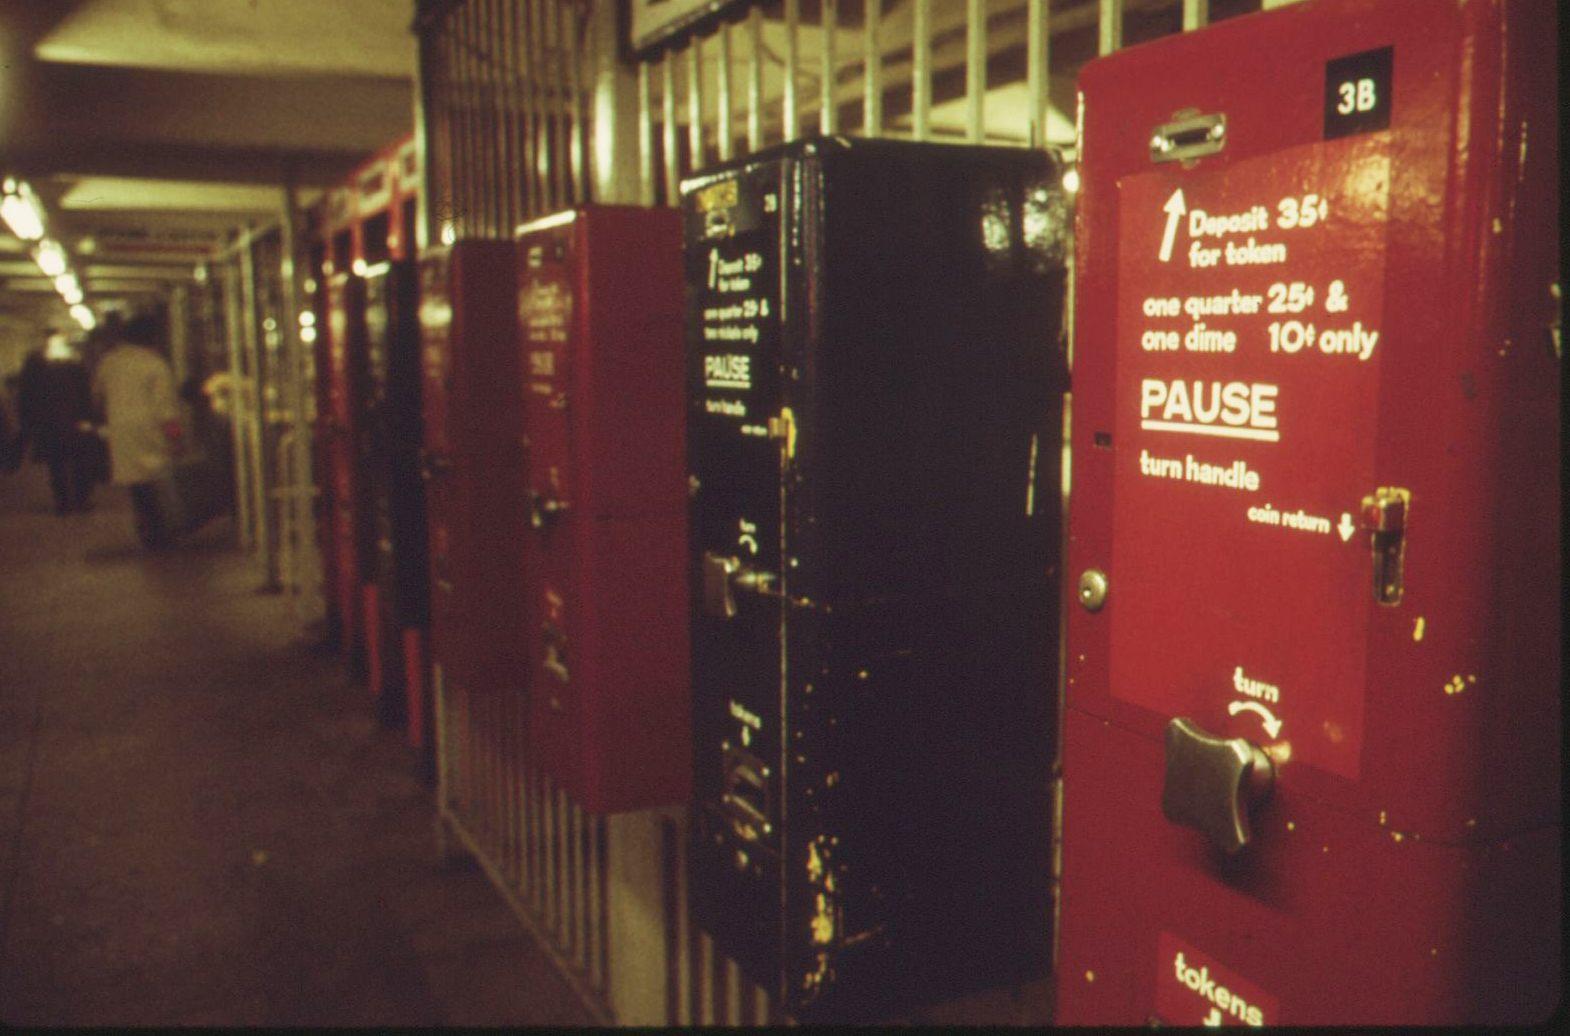 NYC-subway-token-machines-1974.jpg